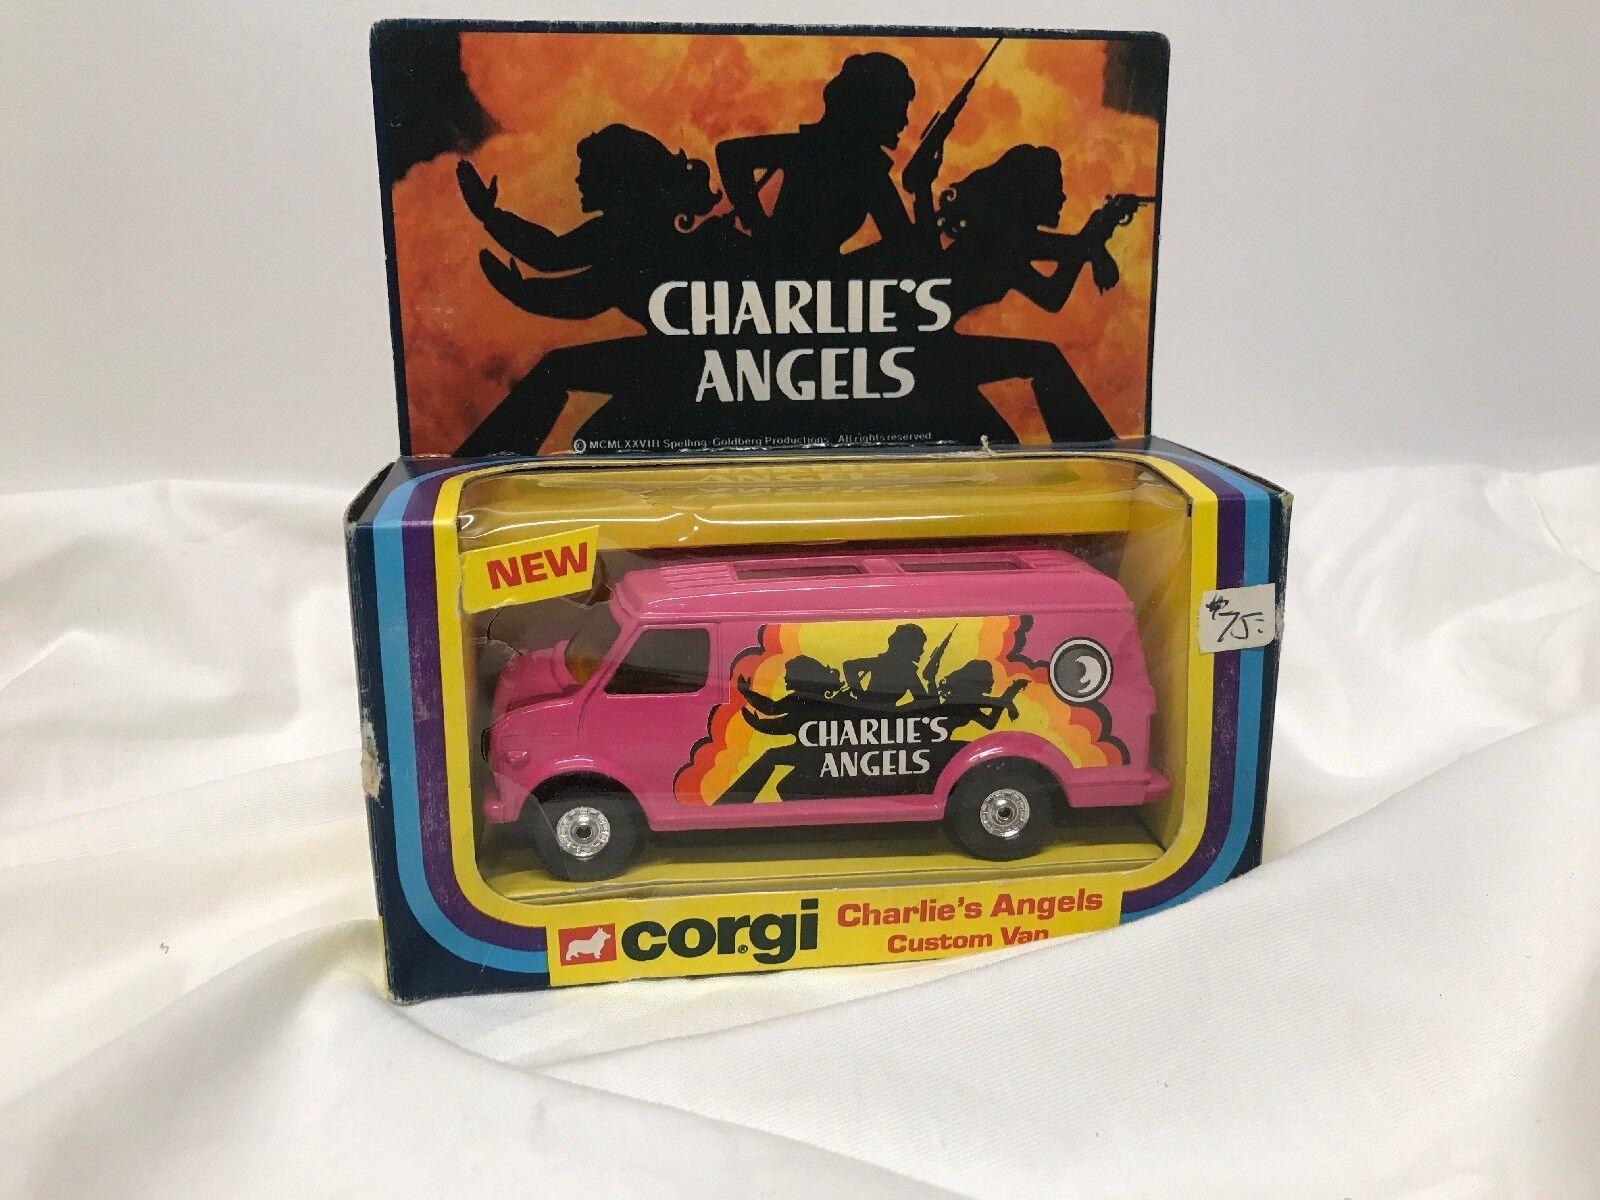 1977 Corgi De Los Ángeles de Charlie Van Personalizado (434)